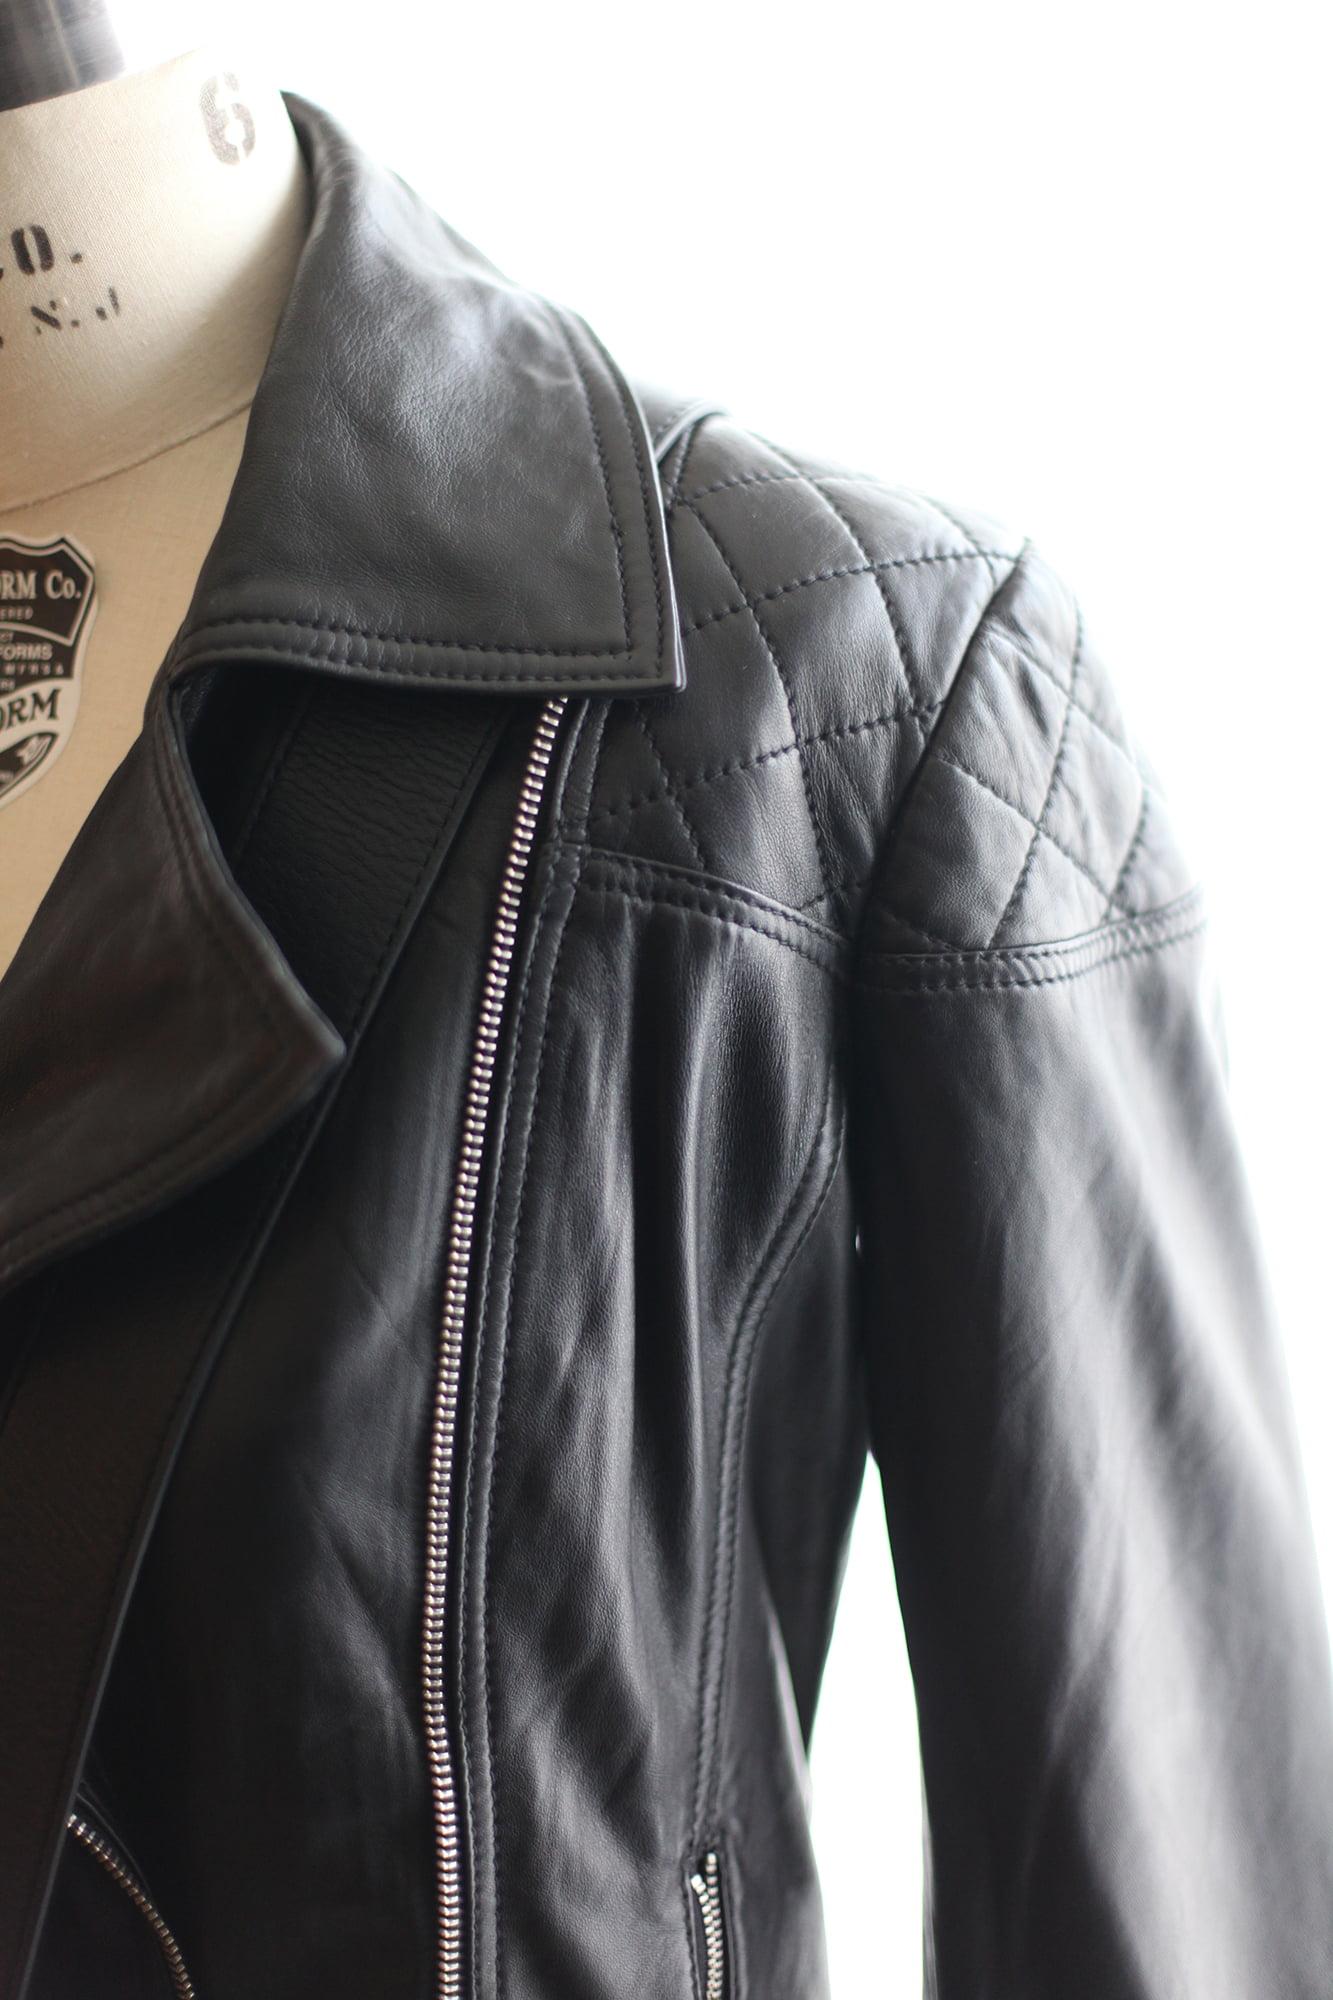 Danier Leather - Women's Jacket detail